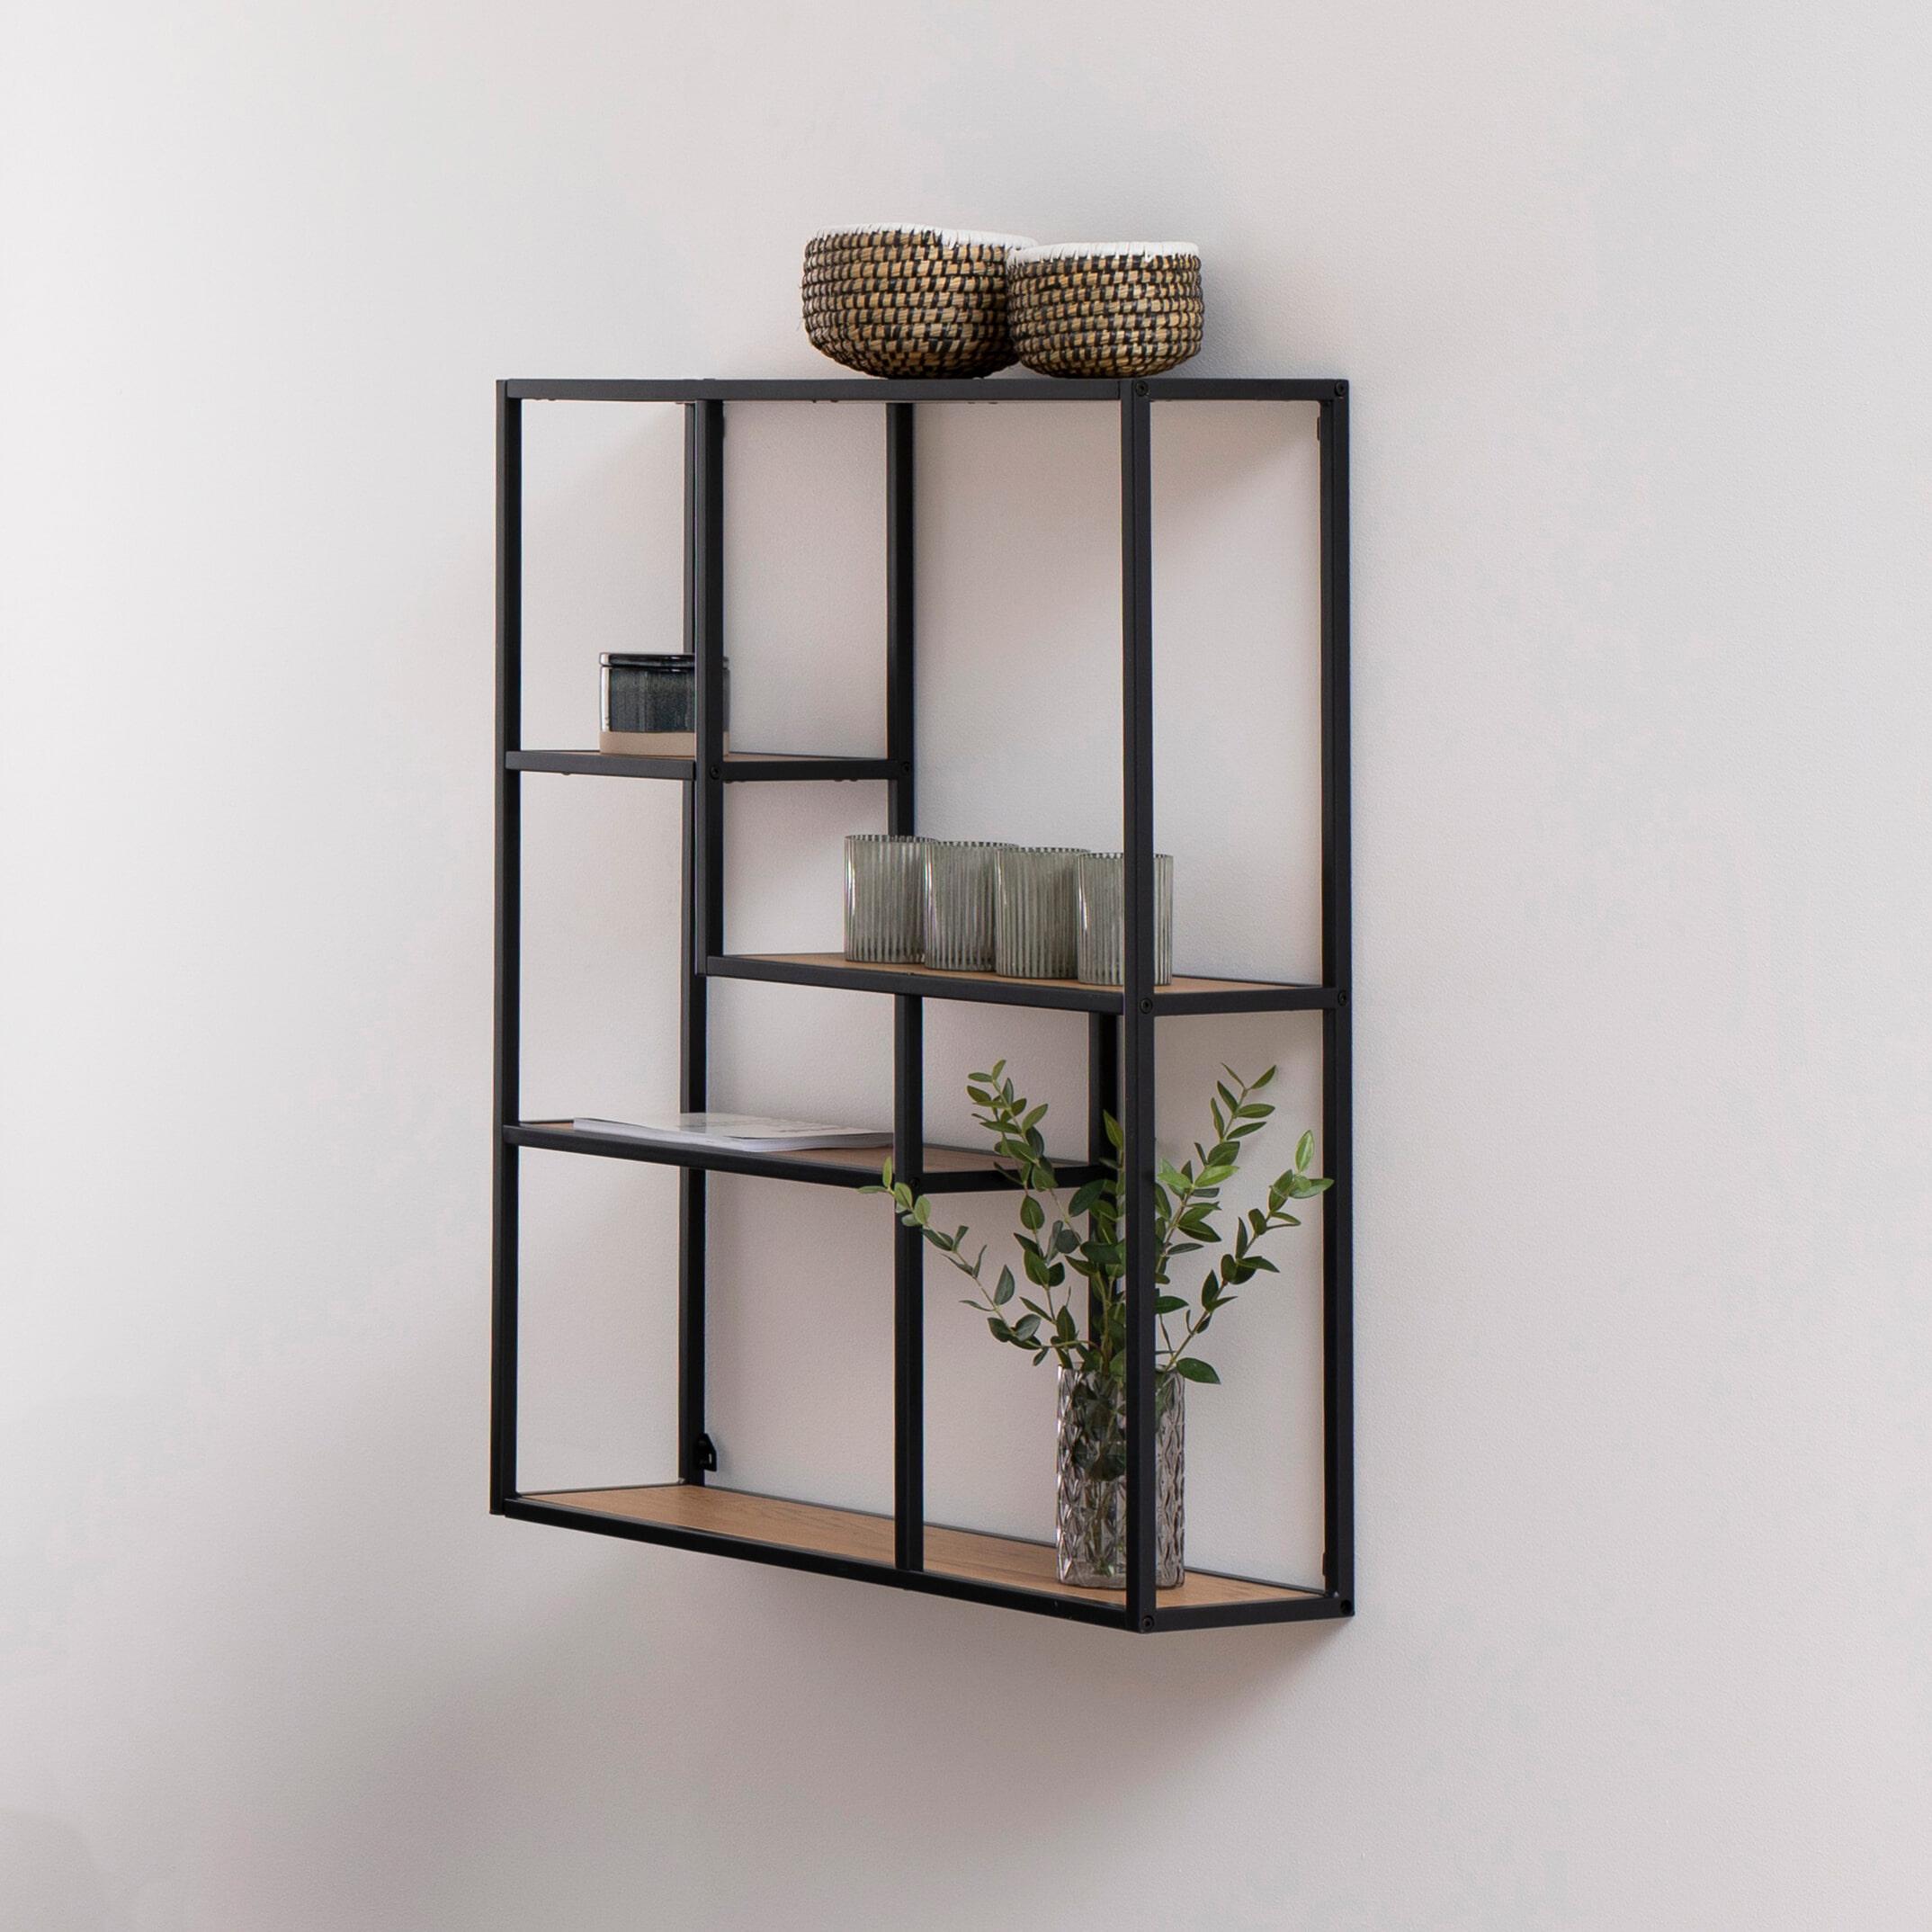 Bendt Hangend Wandrek 'Holger' Hout - metaal 4-laags asymmetrisch, 91 x 75 cm